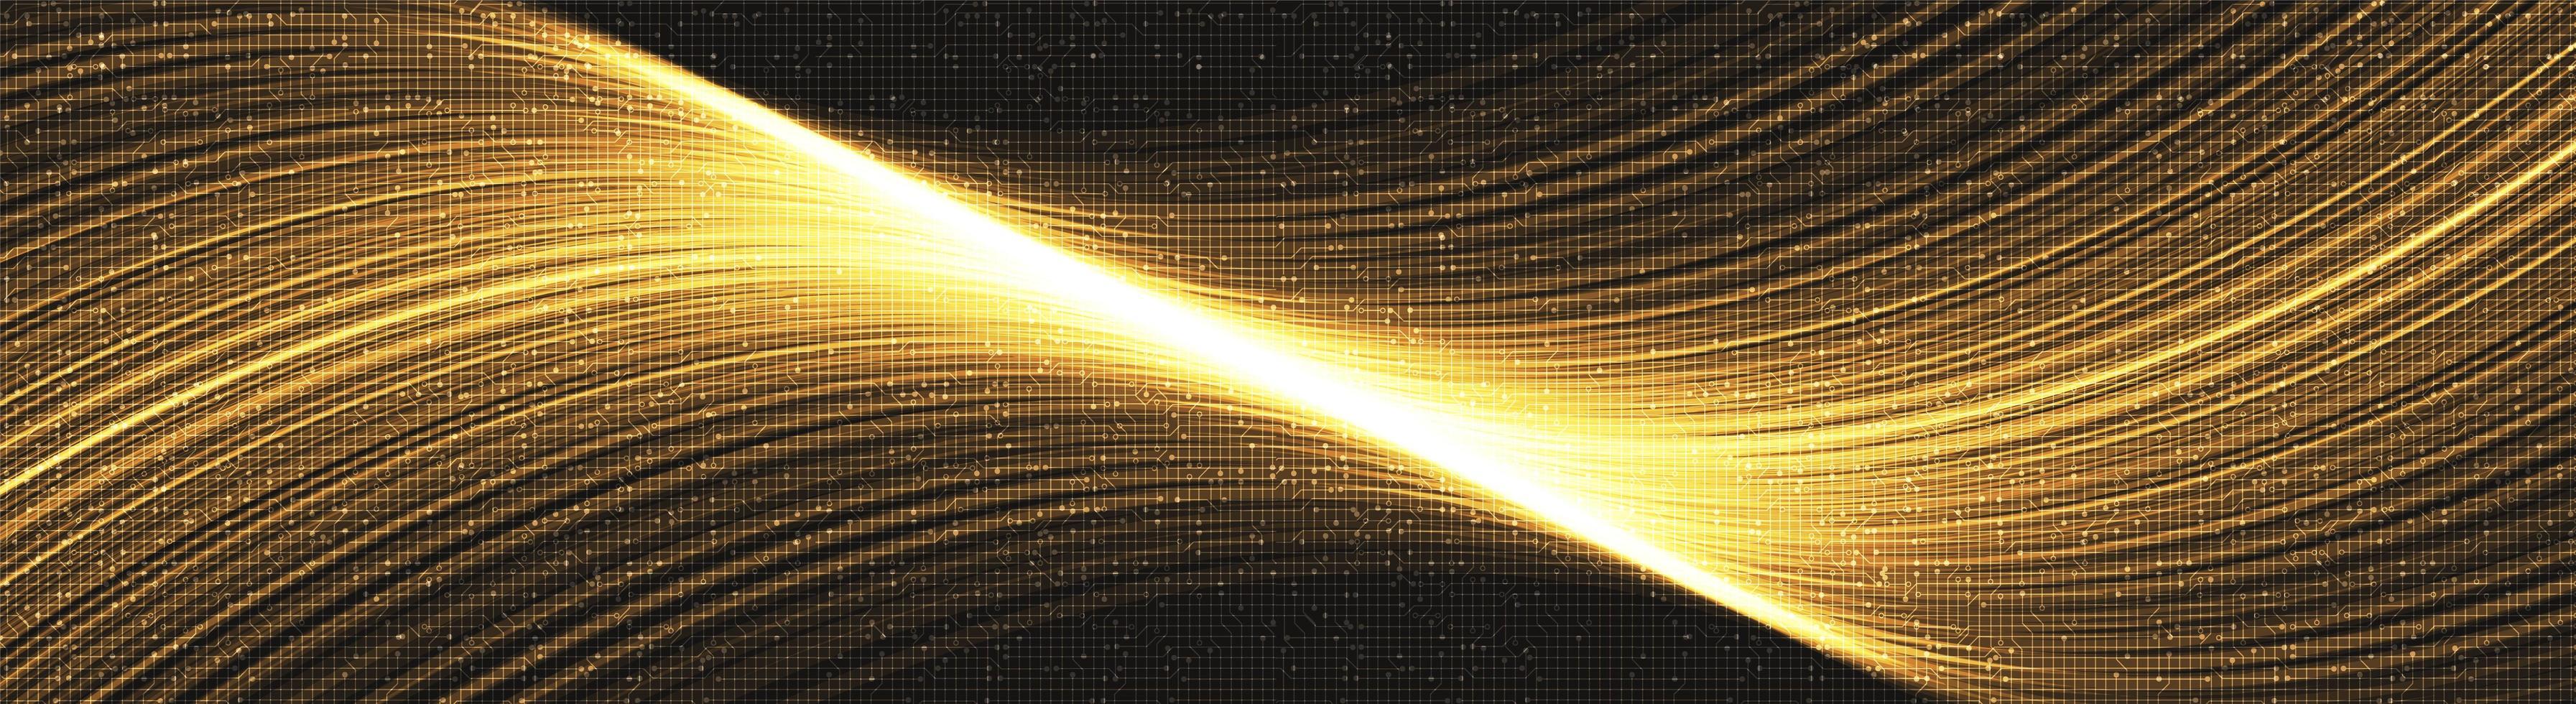 winkender goldener Technologiehintergrund, Hi-Tech-Digital- und Schallwellenkonzeptentwurf, freier Raum für Text in Put, Vektorillustration. vektor